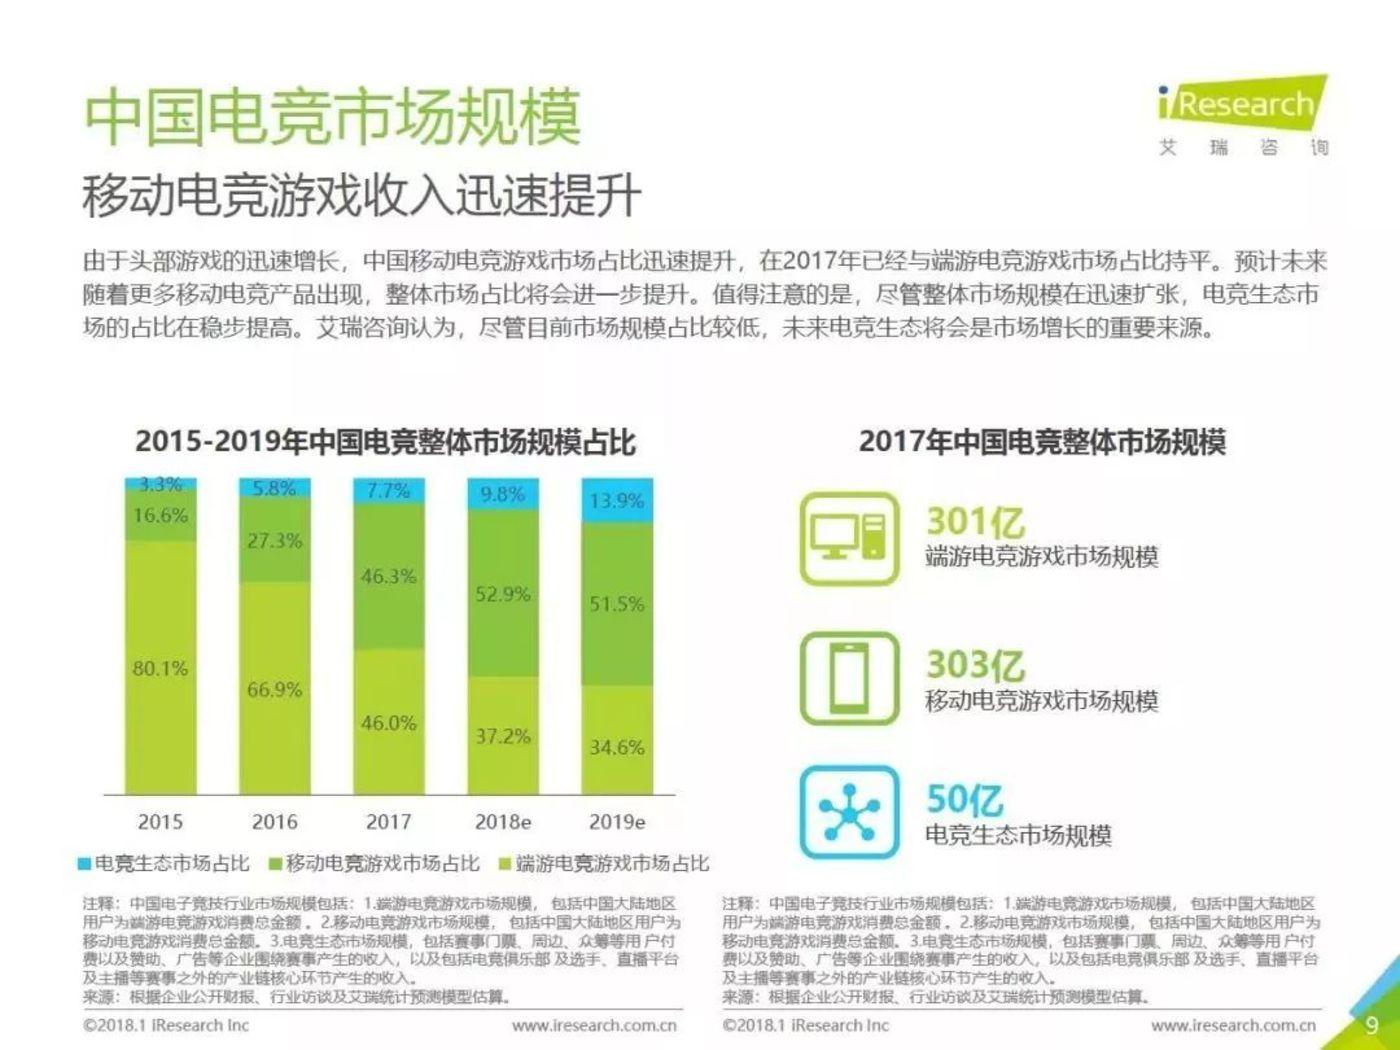 2017中国电竞市场规模